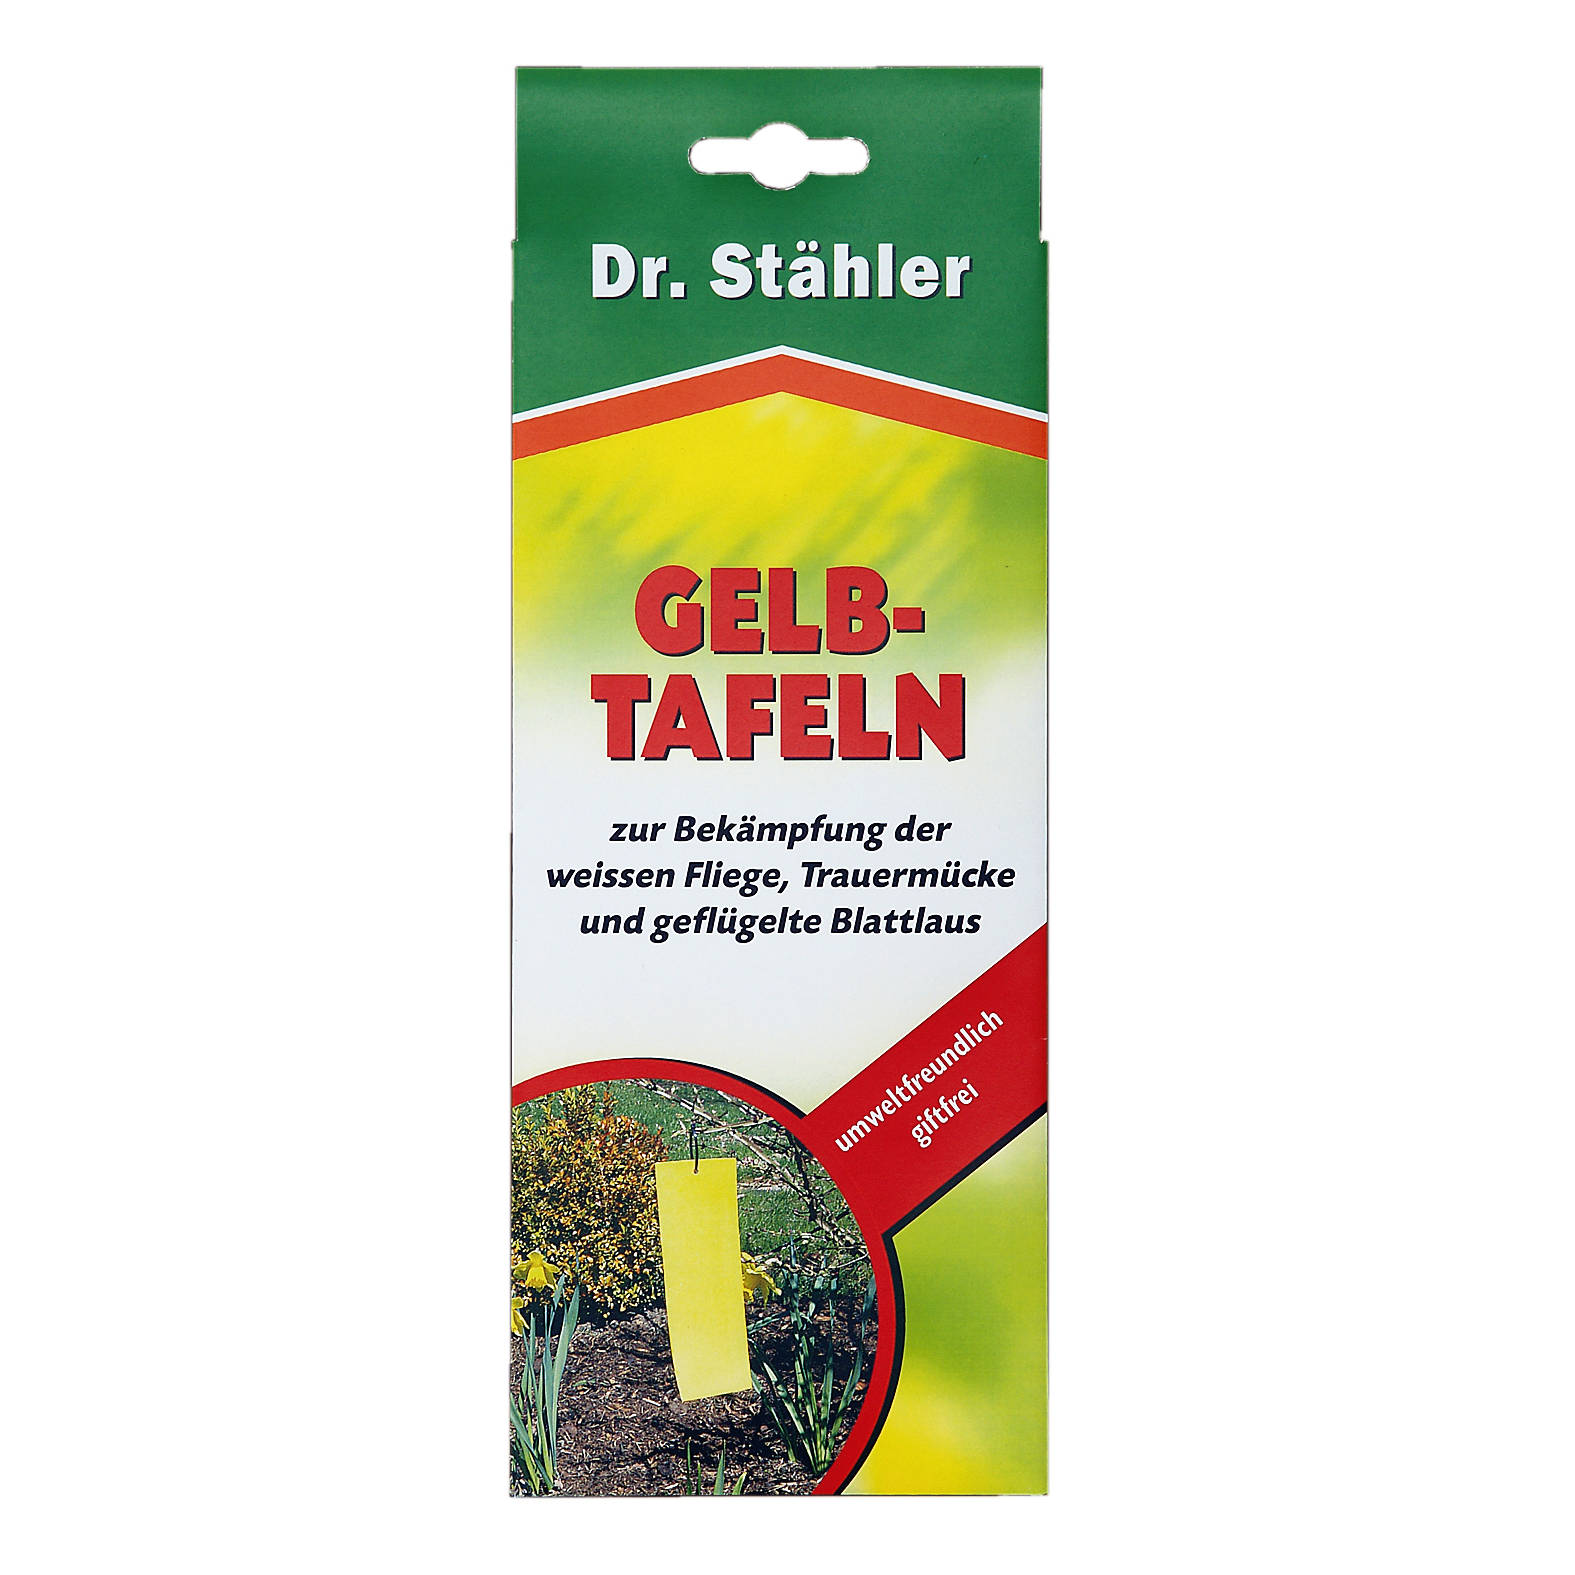 Dr. Stähler Gelbtafeln 6 Stück 20 x 8 cm